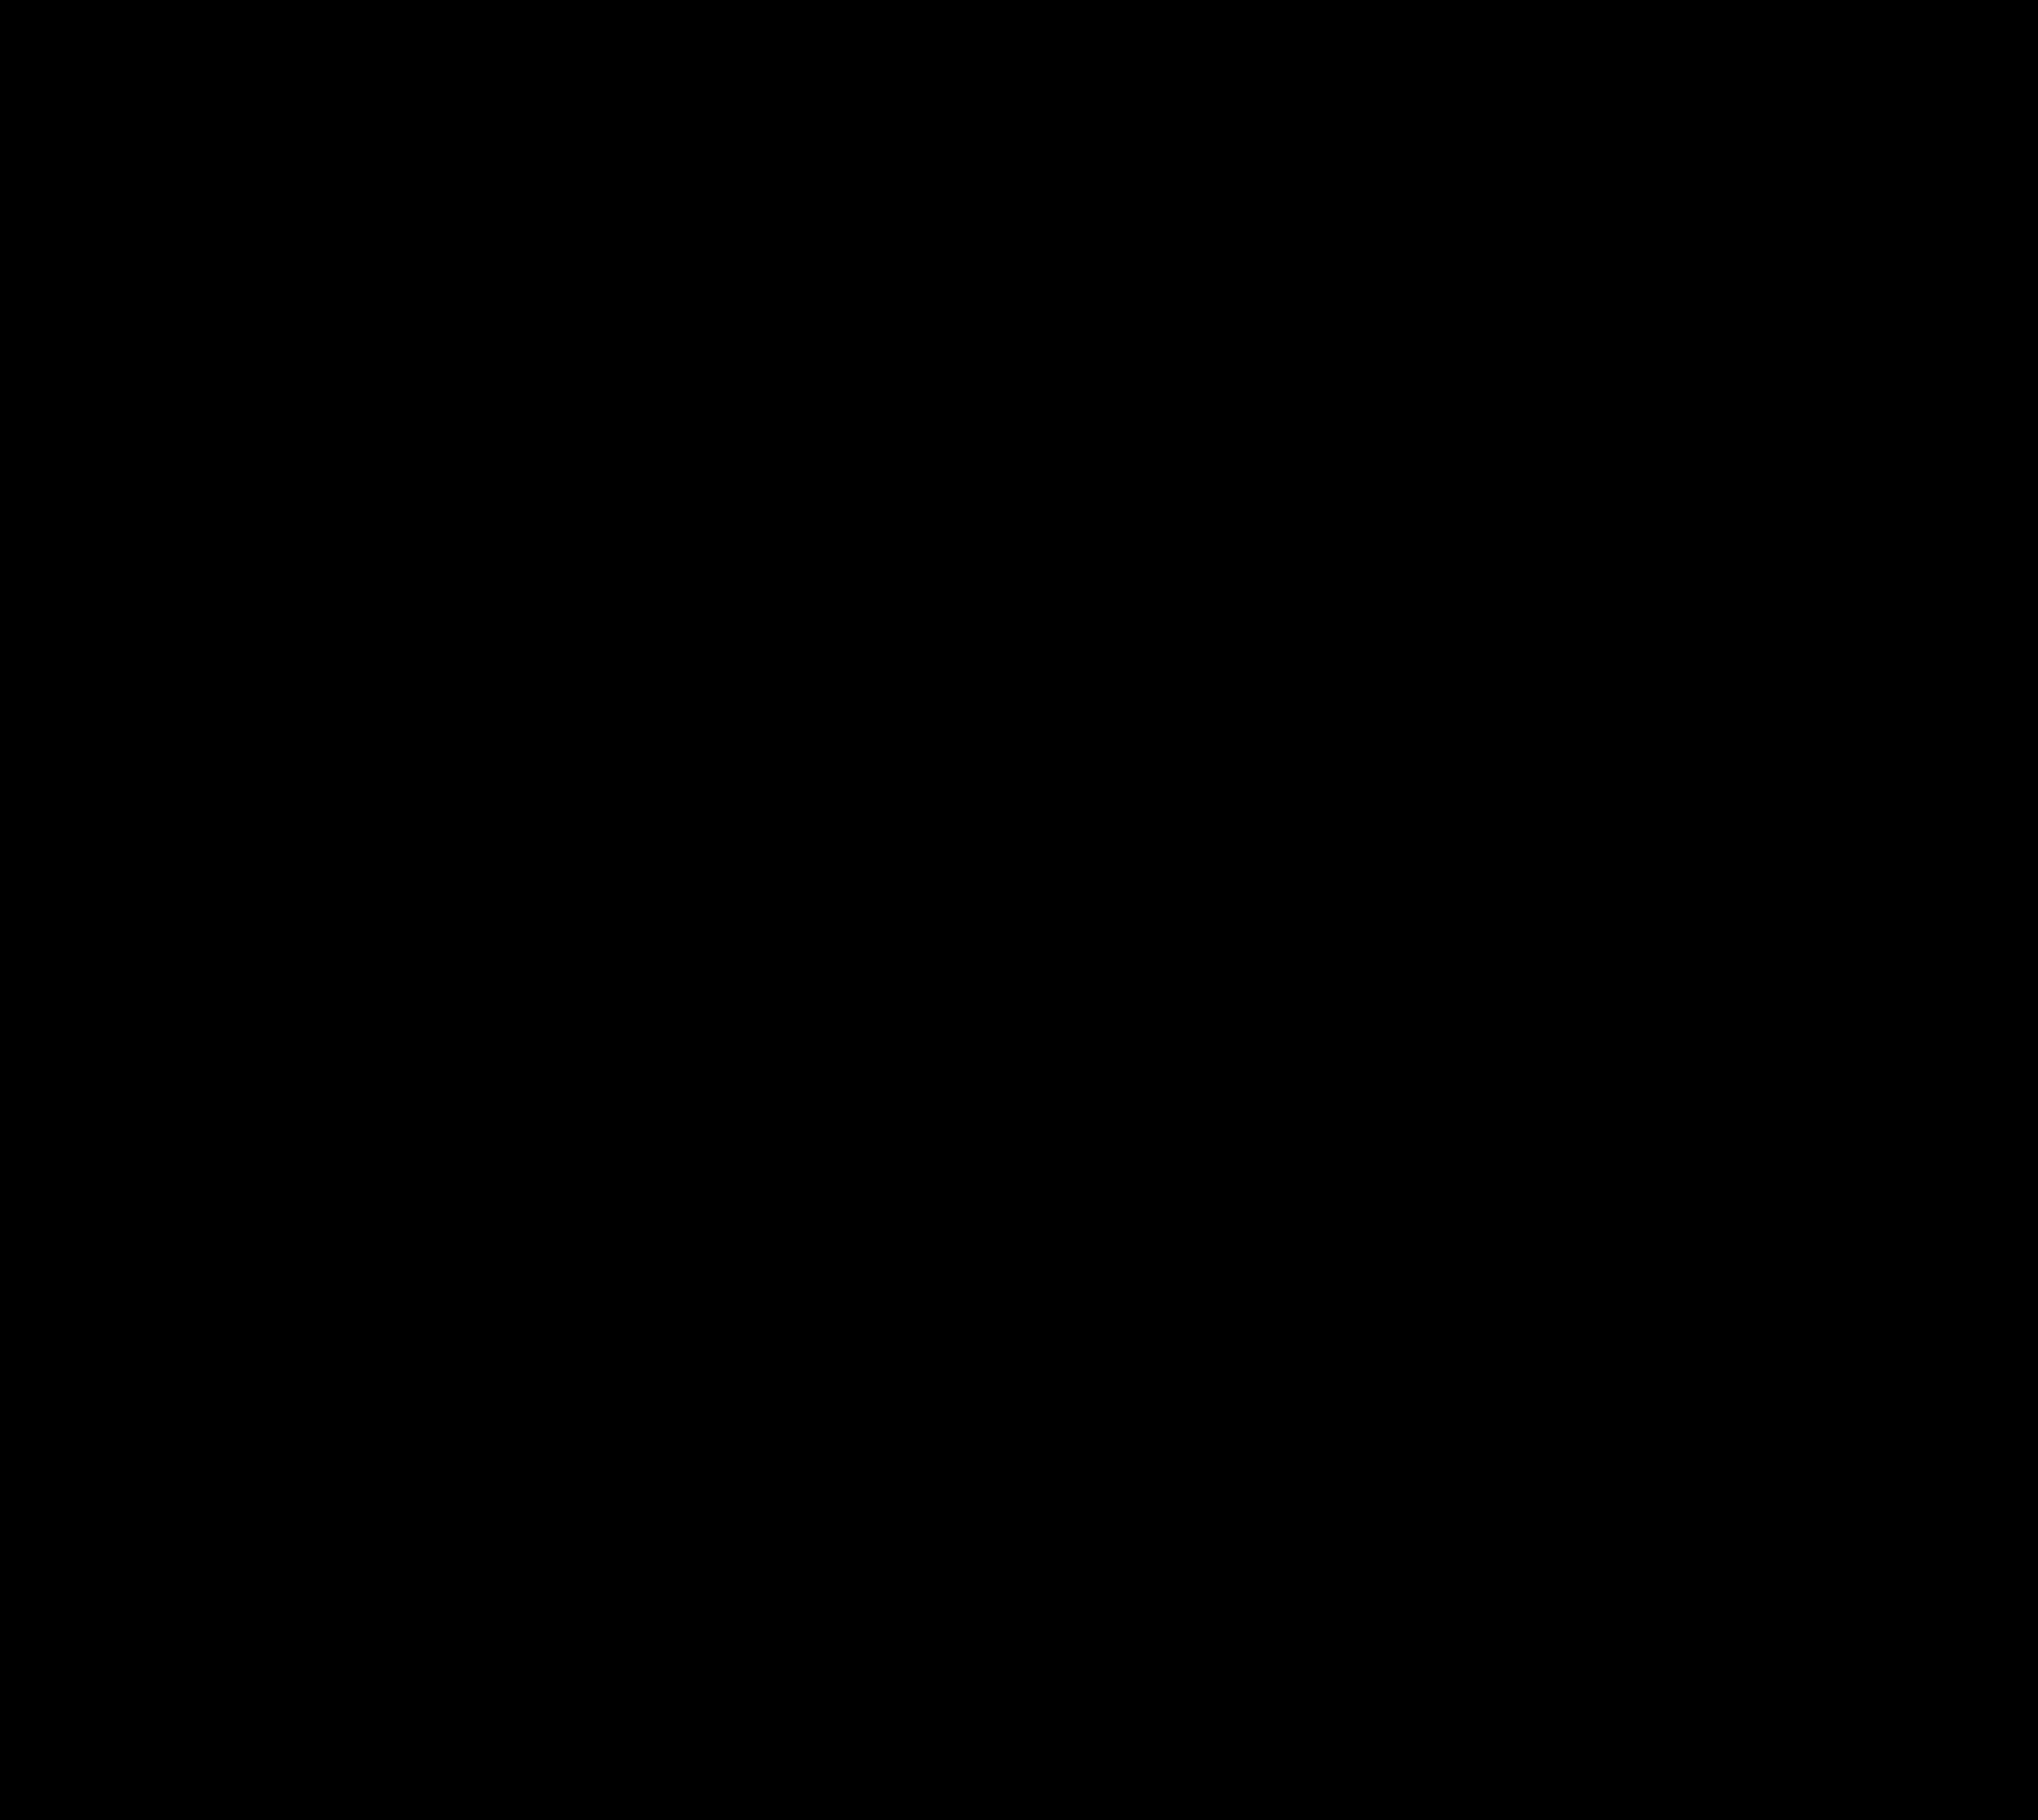 COFRE PHLORETIN +GLYCOLIC 10 RENEW OVERNIGHT -25% DESCUENTO